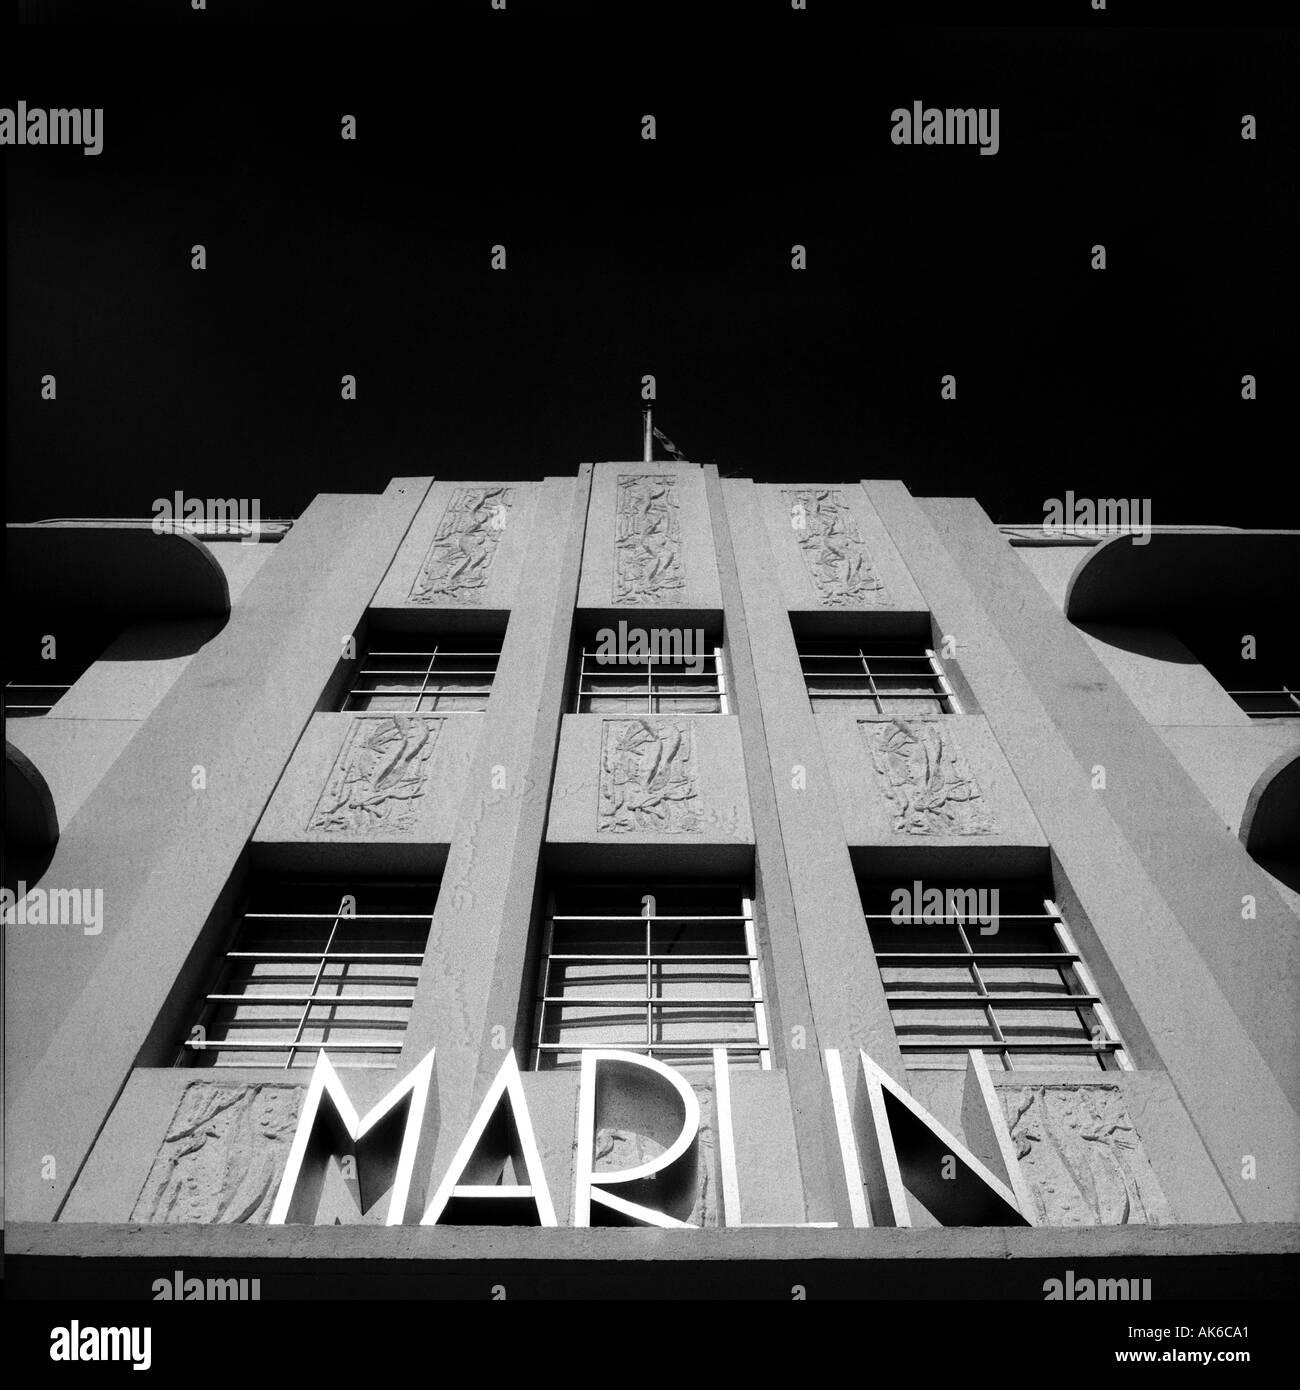 La facciata della Marlin hotel in Miami s South Beach Art Deco District Immagini Stock